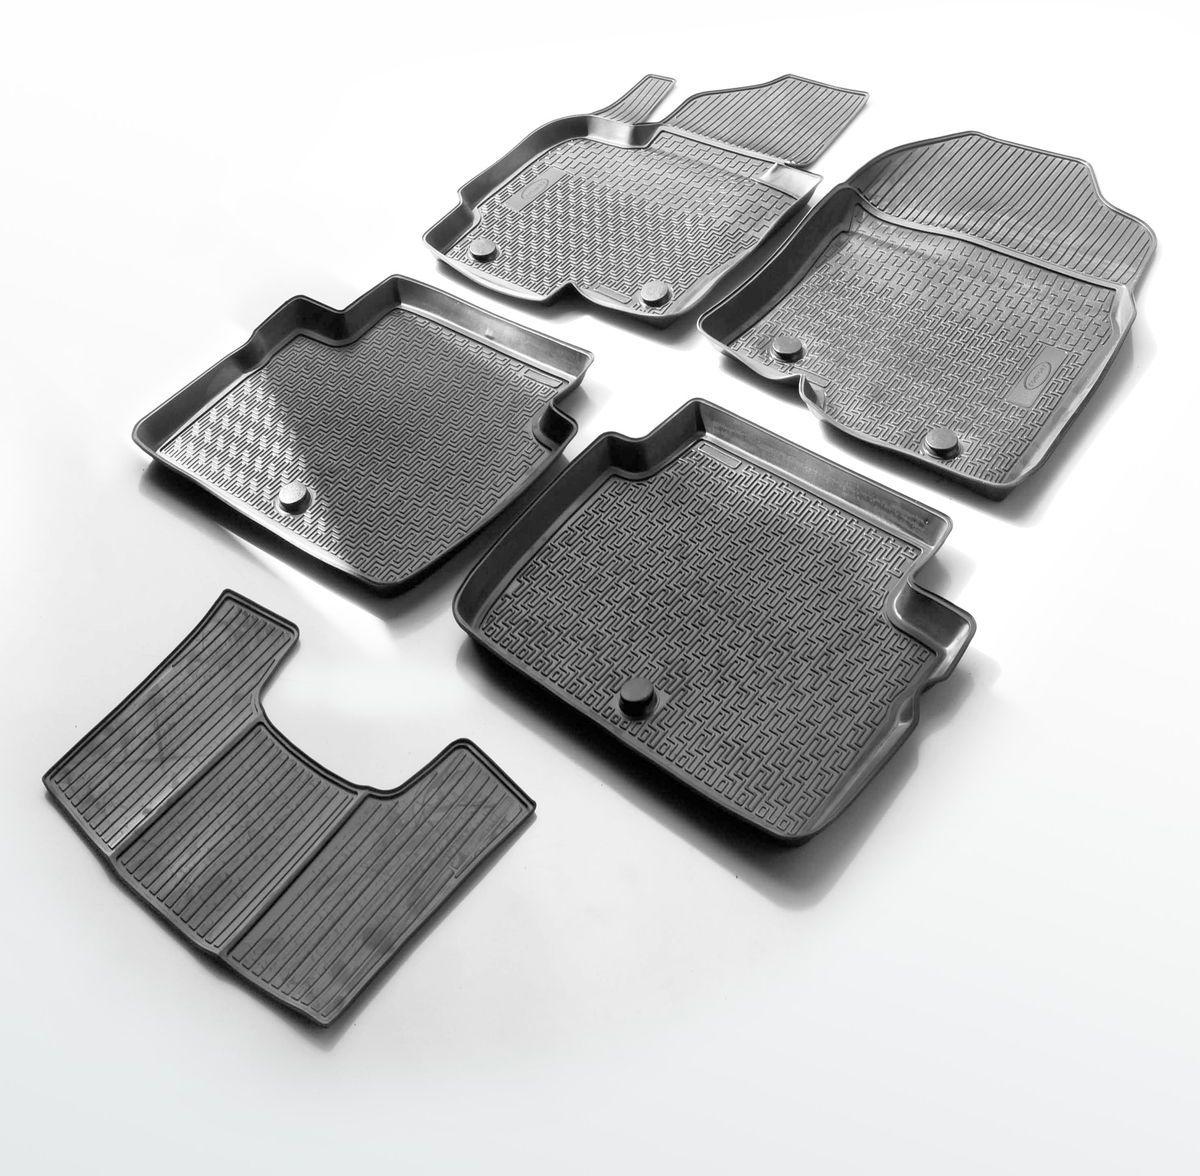 Ковры салона Rival для Lada Vesta 2015-, 4 шт + перемычка0016006001Автомобильные ковры салона Rival Прочные и долговечные ковры в салон автомобиля, изготовлены из высококачественного и экологичного сырья, полностью повторяют геометрию салона вашего автомобиля. - Надежная система крепления, позволяющая закрепить коврик на штатные элементы фиксации, в результате чего отсутствует эффект скольжения по салону автомобиля. - Высокая стойкость поверхности к стиранию. - Специализированный рисунок и высокий борт, препятствующие распространению грязи и жидкости по поверхности ковра. - Перемычка задних ковров в комплекте предотвращает загрязнение тоннеля карданного вала. - Произведены из первичных материалов, в результате чего отсутствует неприятный запах в салоне автомобиля. - Высокая эластичность, можно беспрепятственно эксплуатировать при температуре от -45 ?C до +45 ?C.